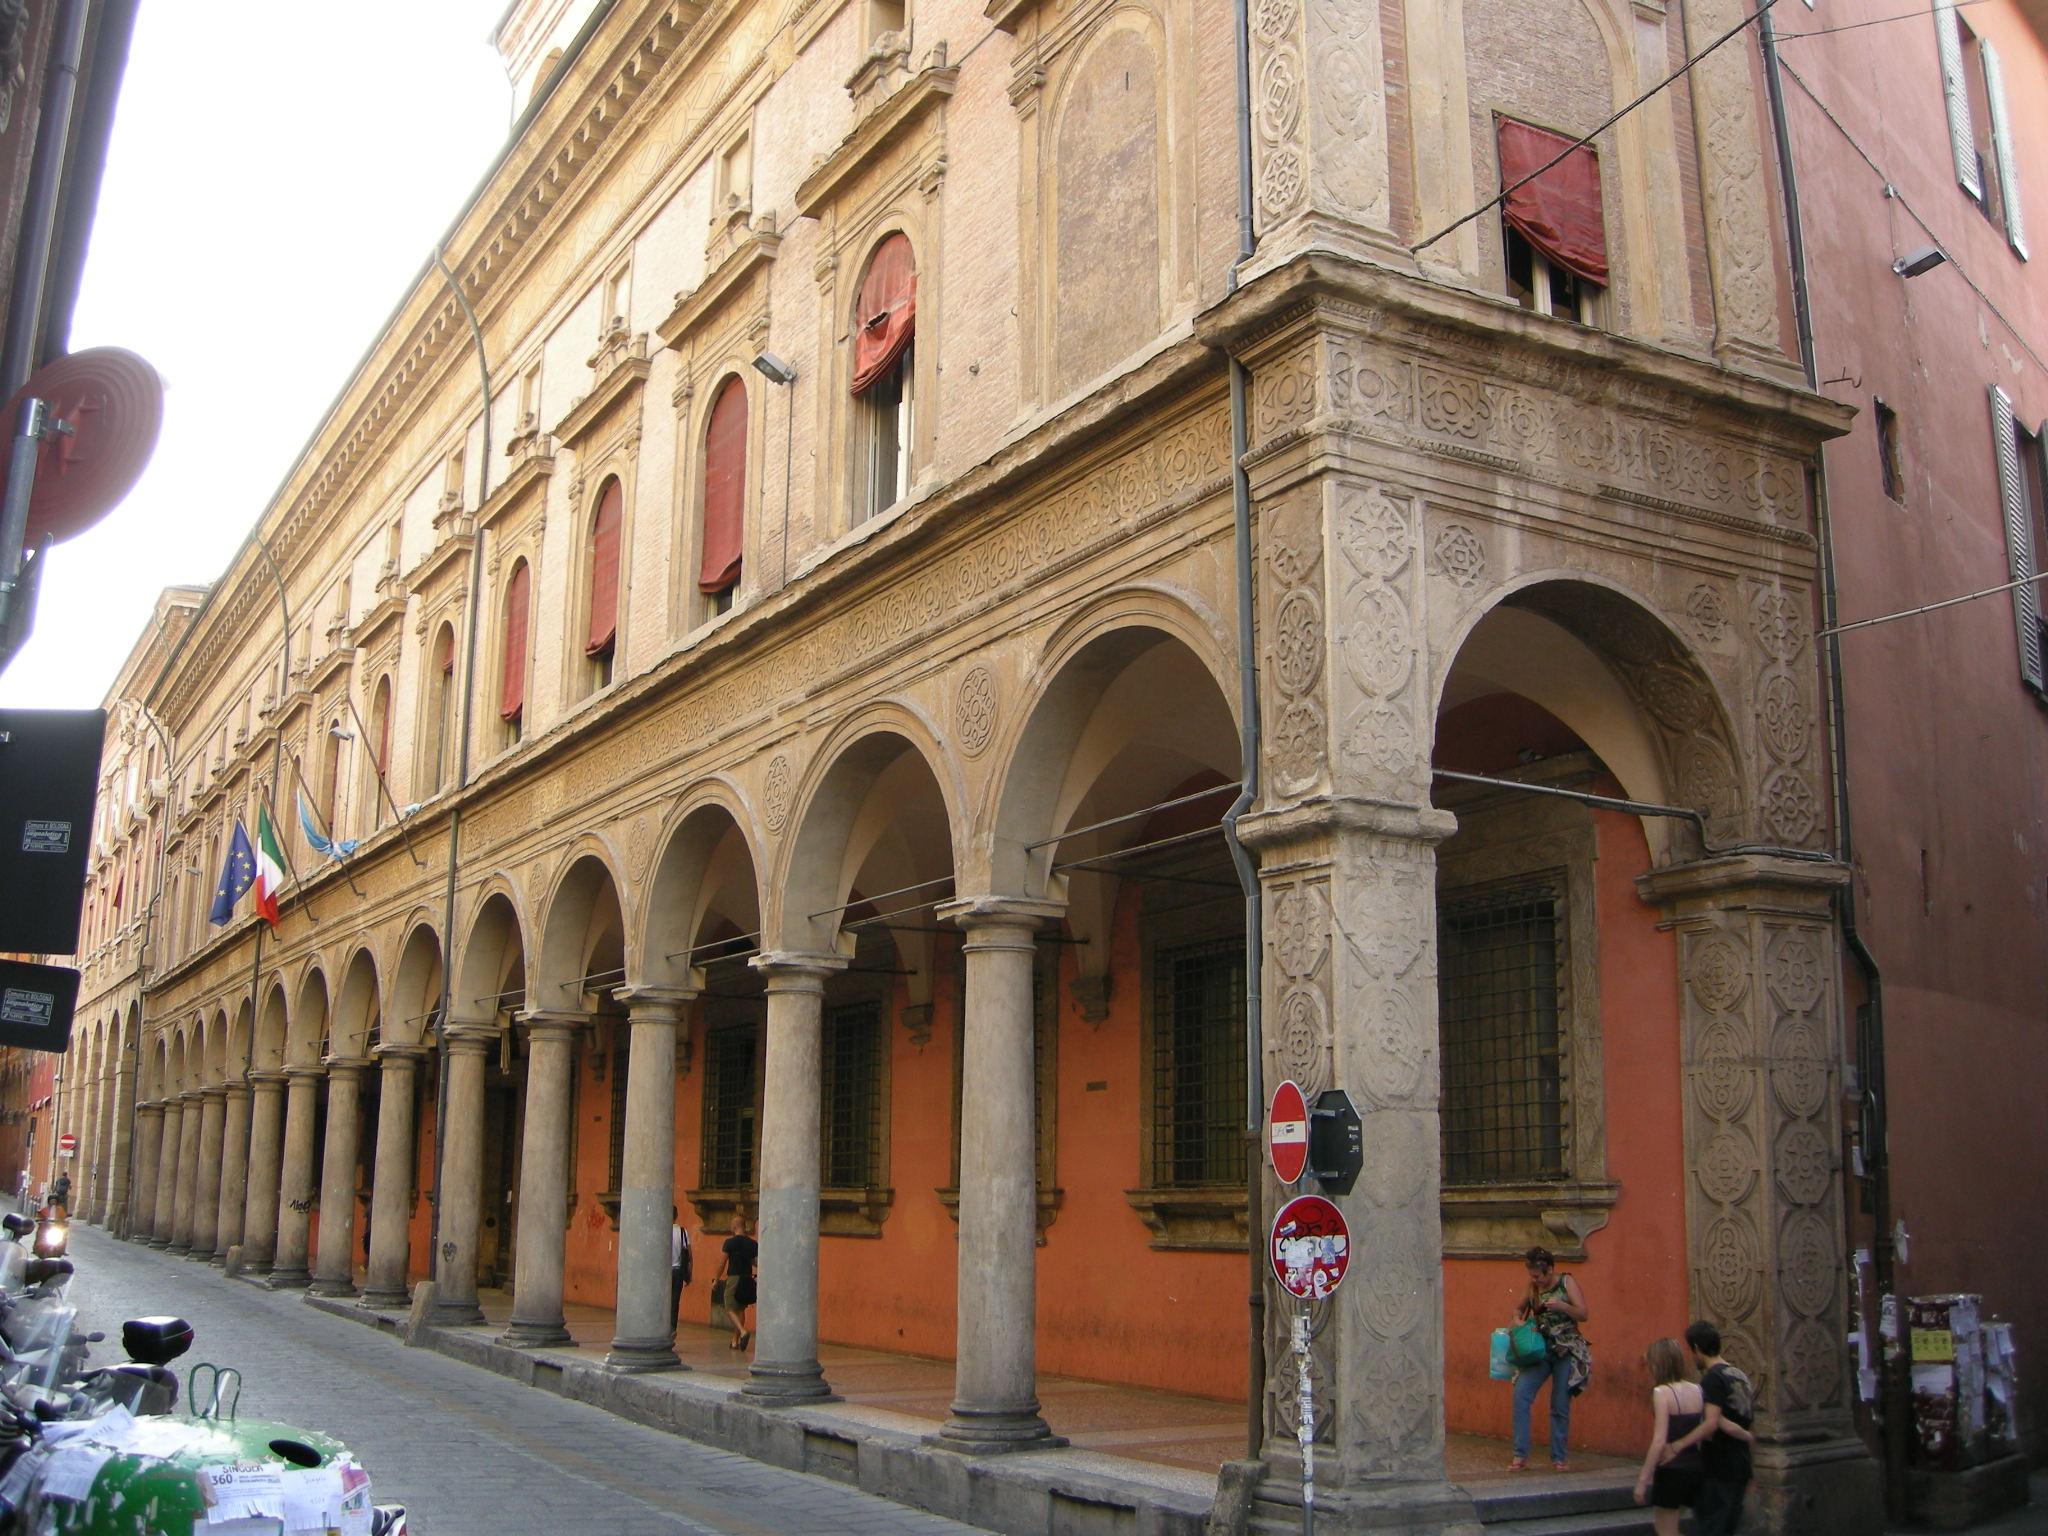 Quale impatto ha avuto il Coronavirus sull'Università di Bologna?